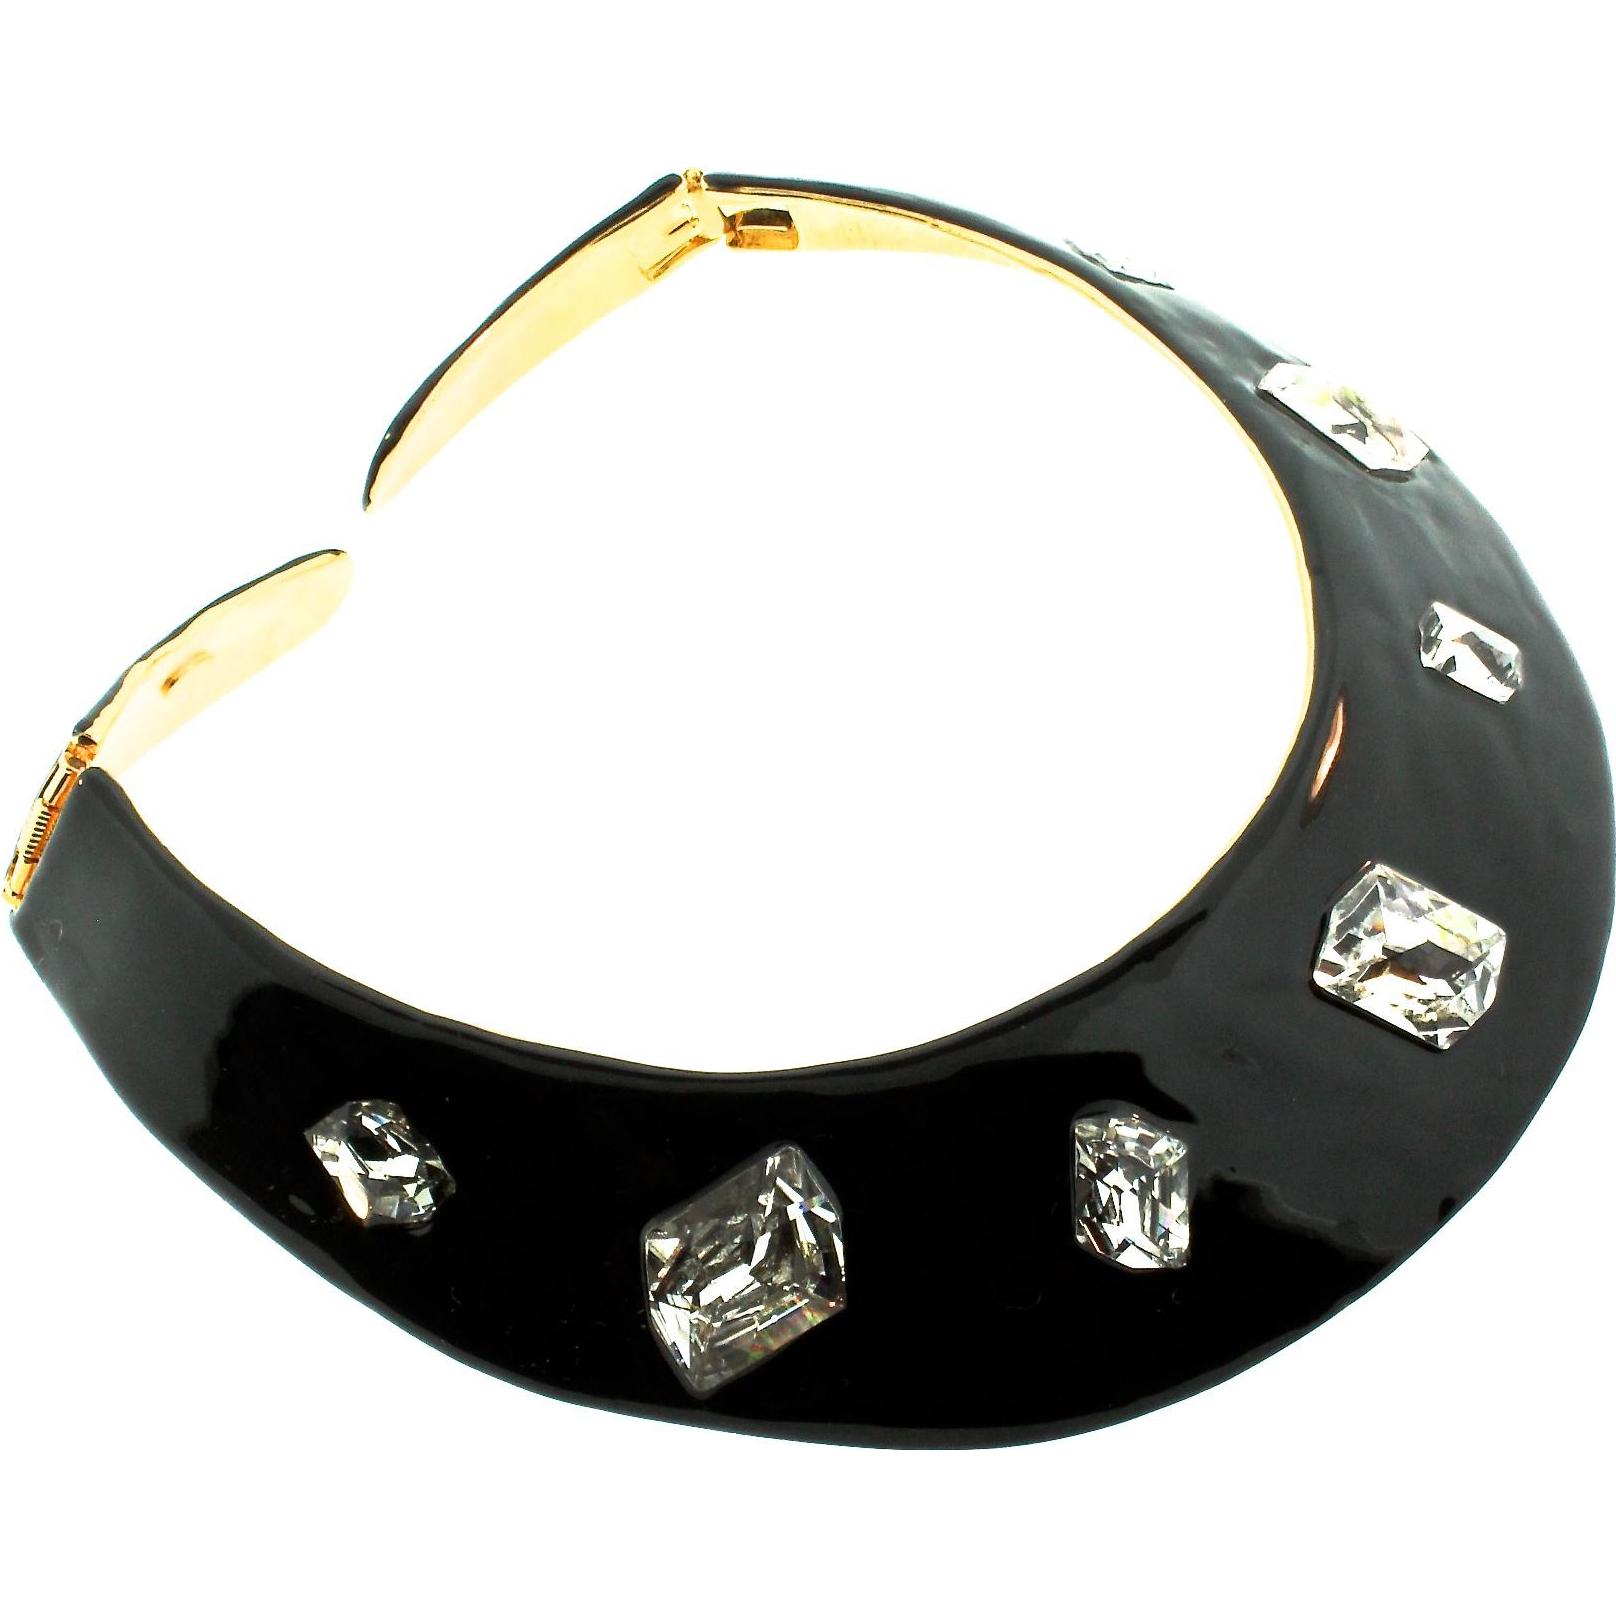 Kenneth Jay Lane Black Enamel Crystal Flower Necklace Gold/black hx0olKg8m